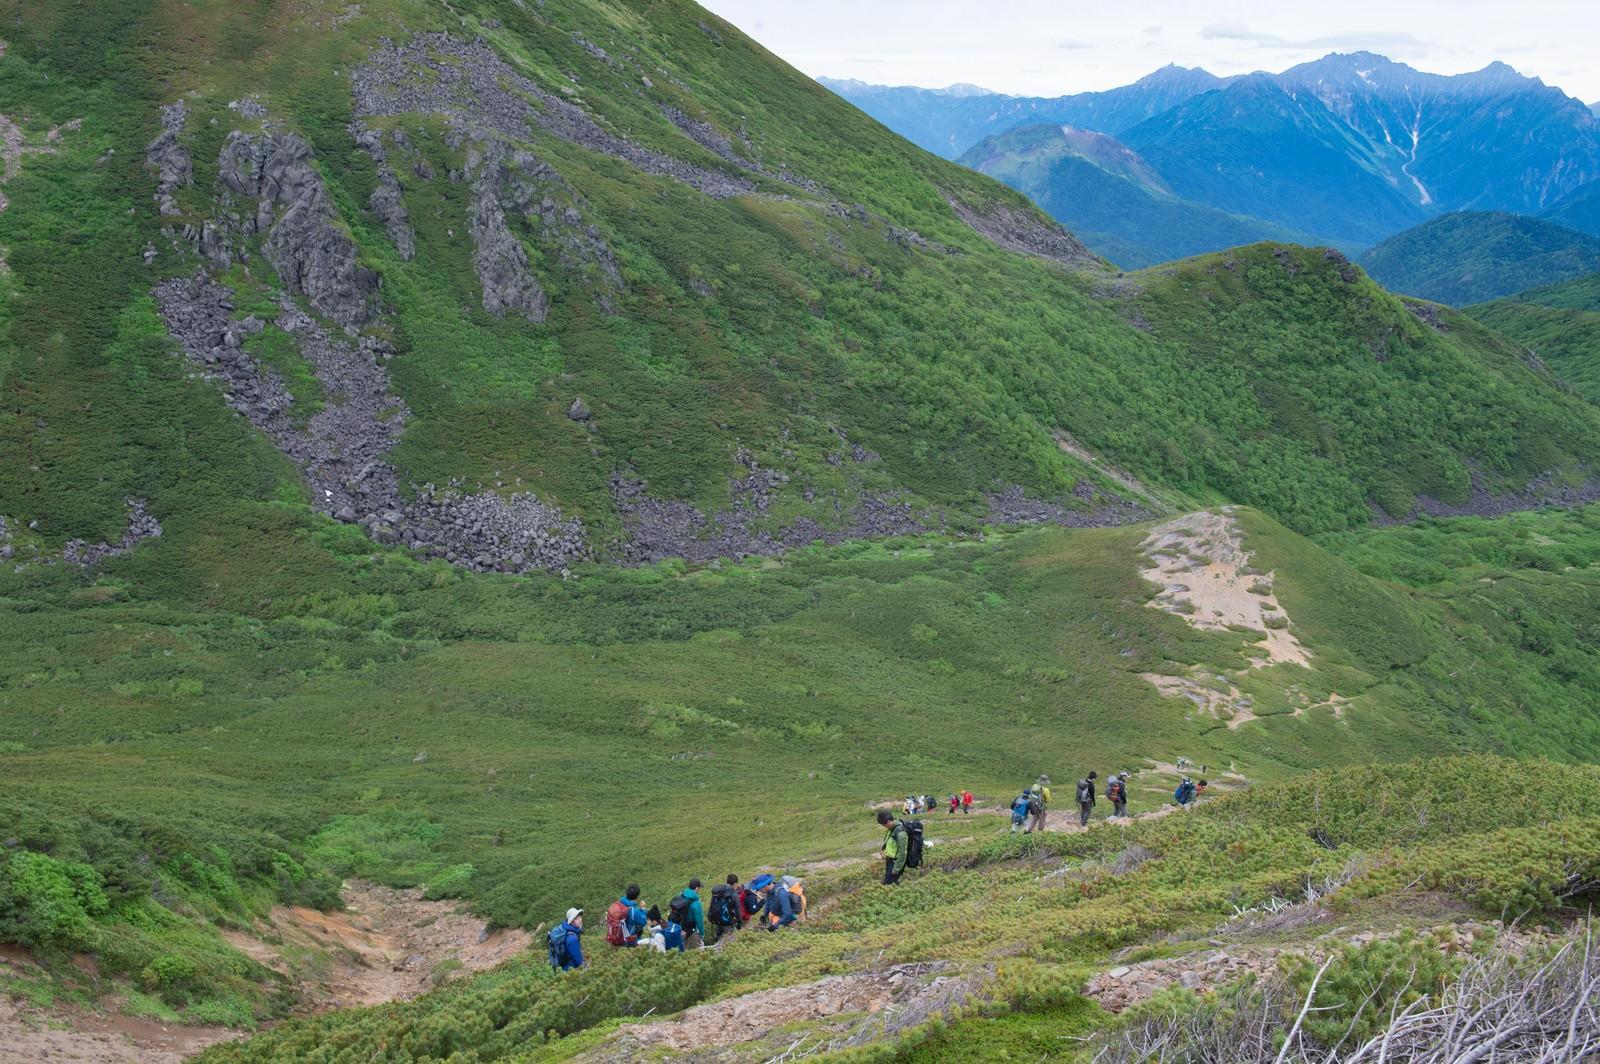 「乗鞍新登山道整備に列をなす登山者たち」の写真